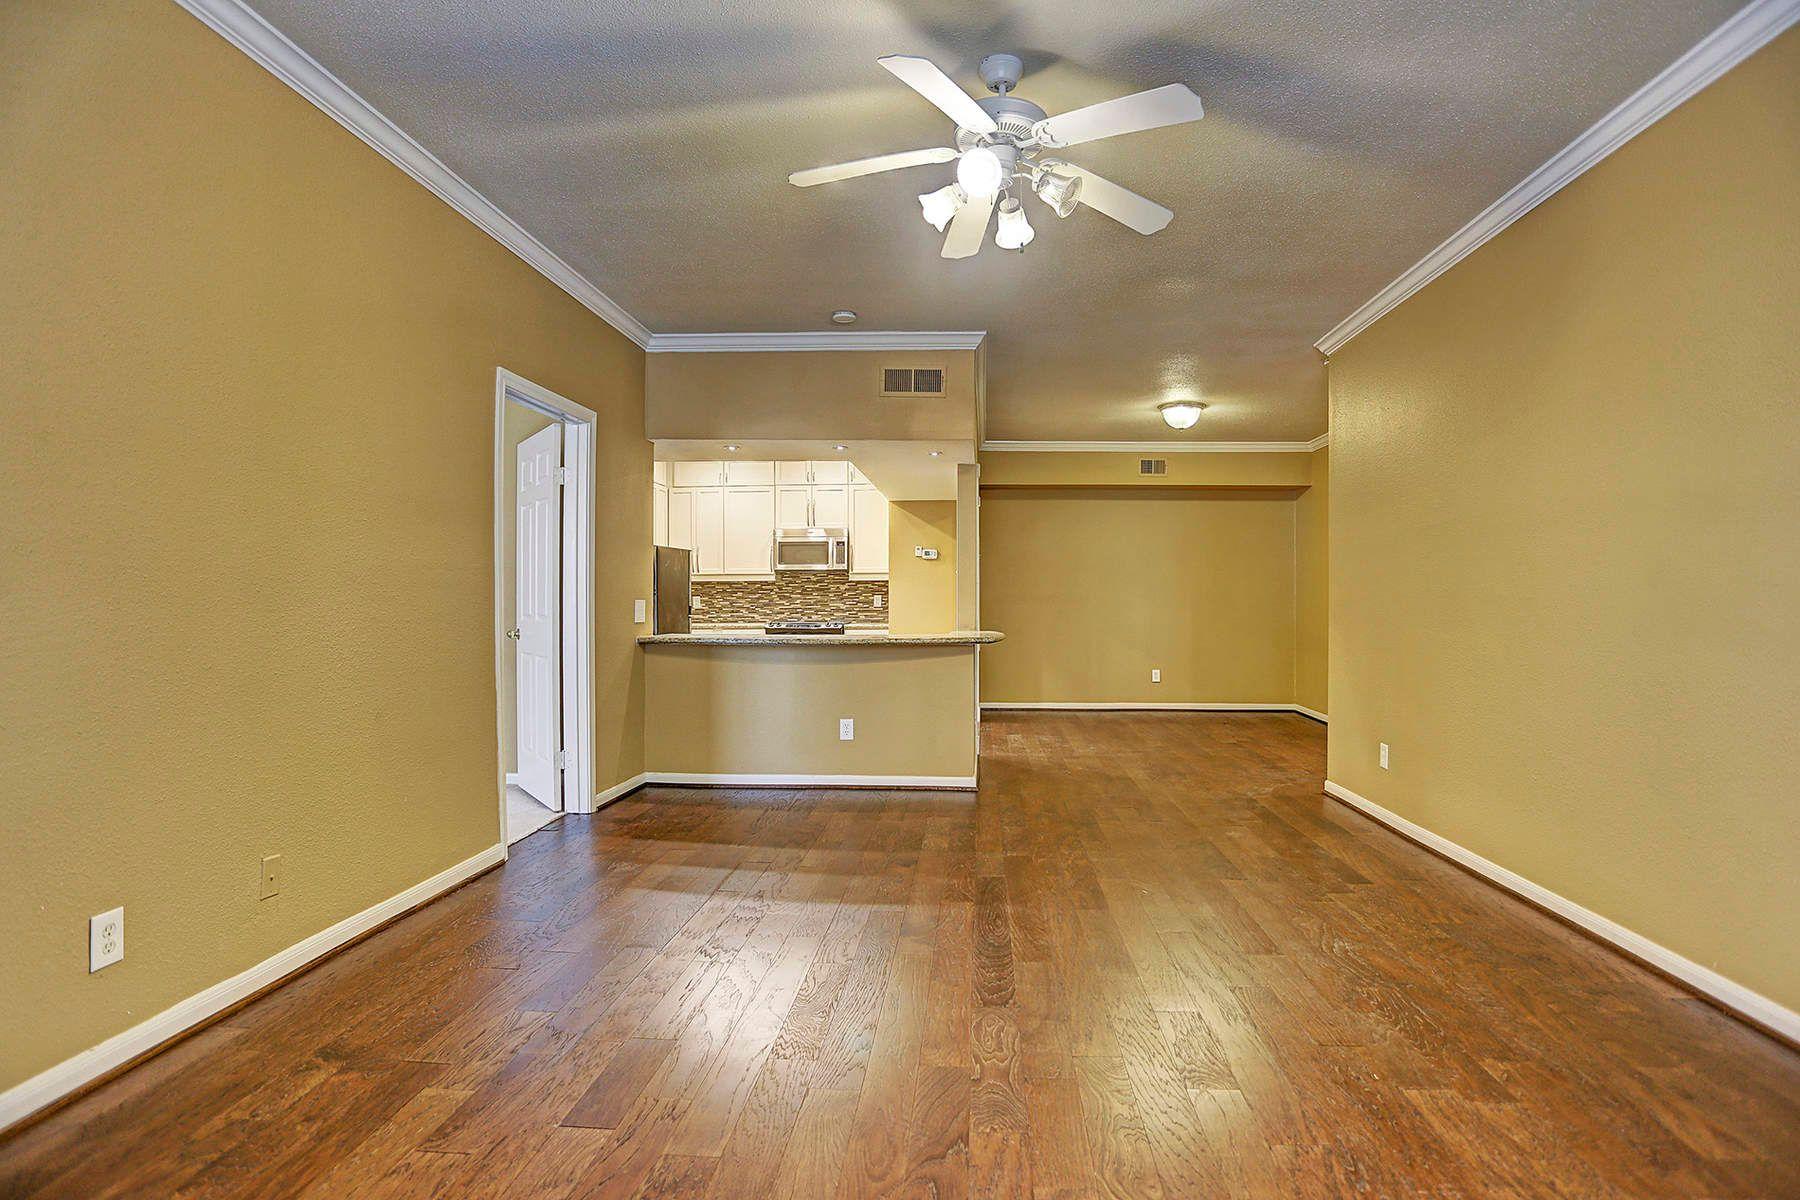 شقة بعمارة للـ Sale في 2255 Braeswood Park Drive 2255 Braeswood Park Drive Unit 173, Houston, Texas, 77030 United States